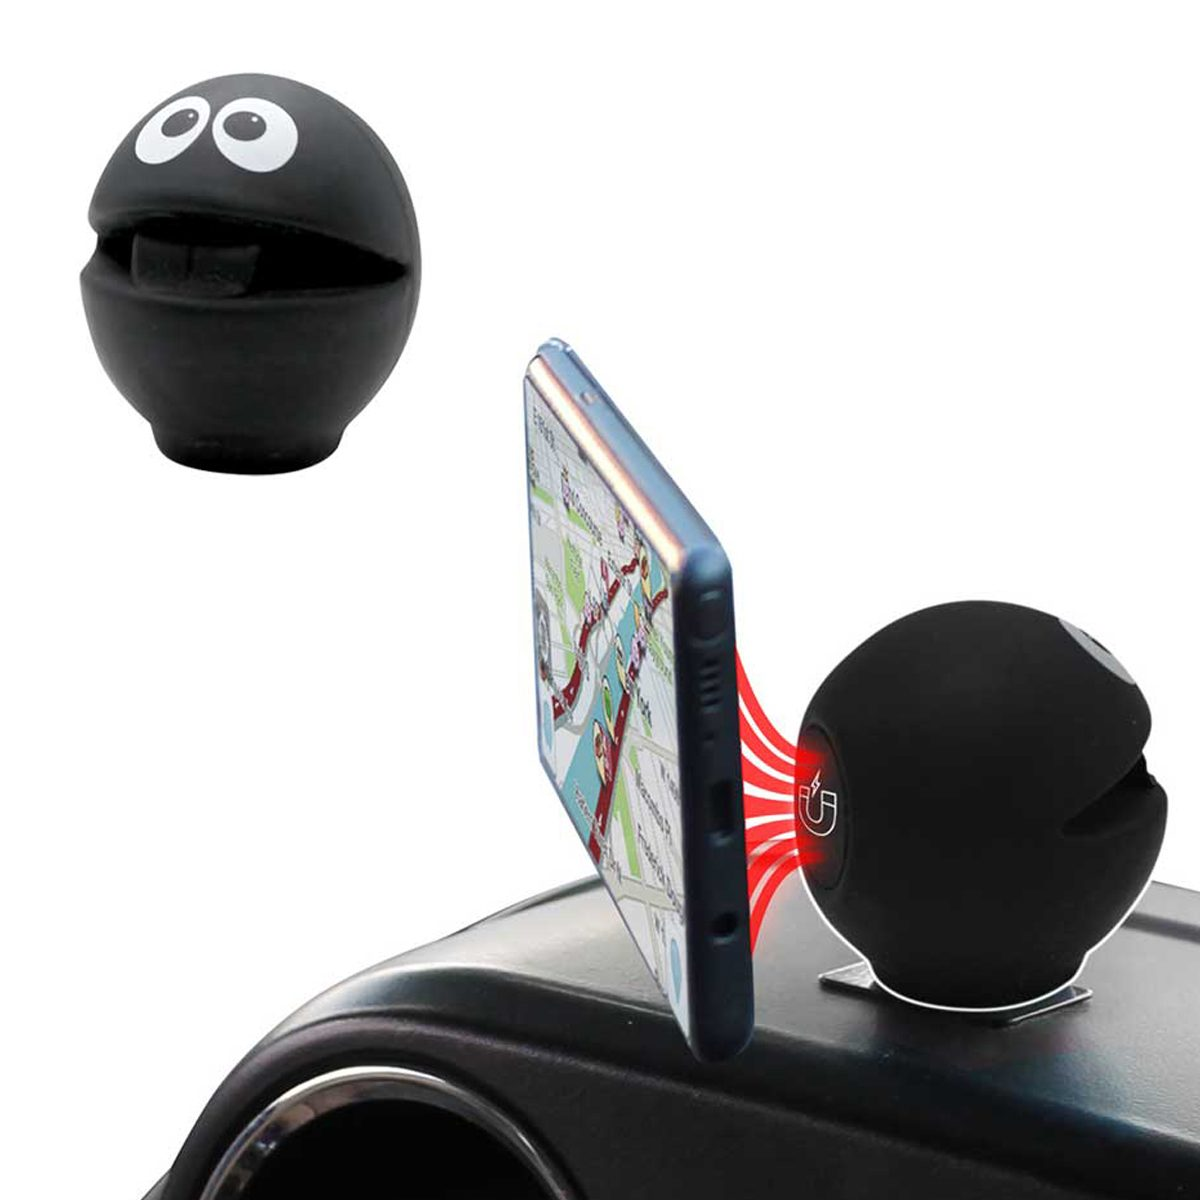 B-Ball Black cellphone holder